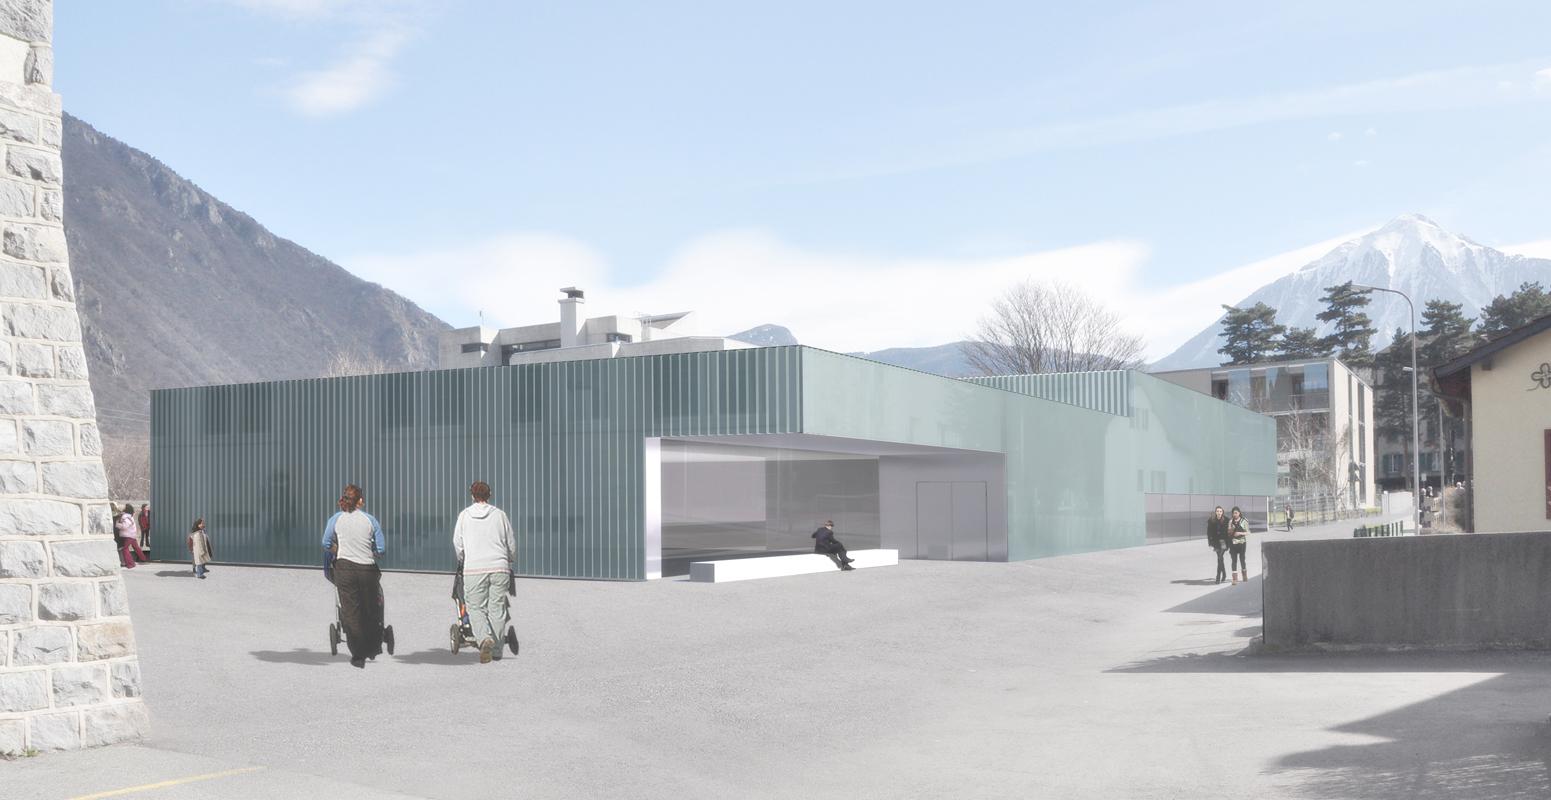 construction d'une salle de sport, d'une uape, de locaux de service et de surfaces administratives pour la commune de Vernayaz - 2ème place / 1er prix